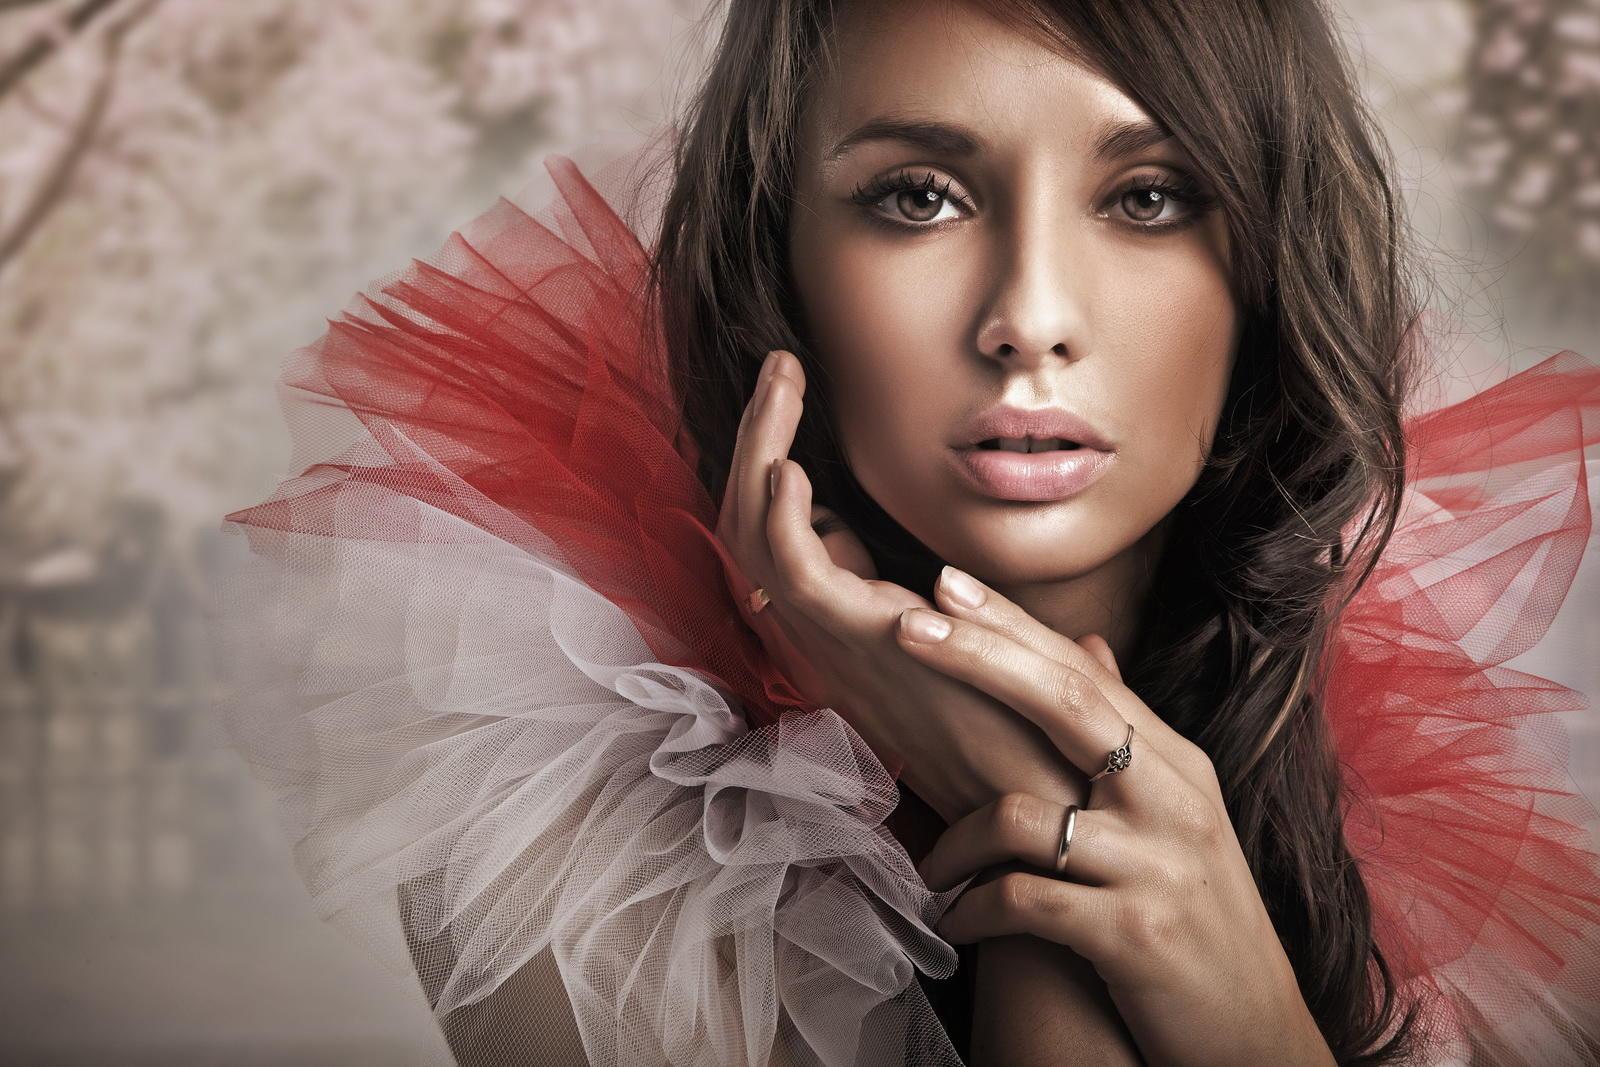 обои девушка, макияж, взгляд, Анна Субботина картинки фото